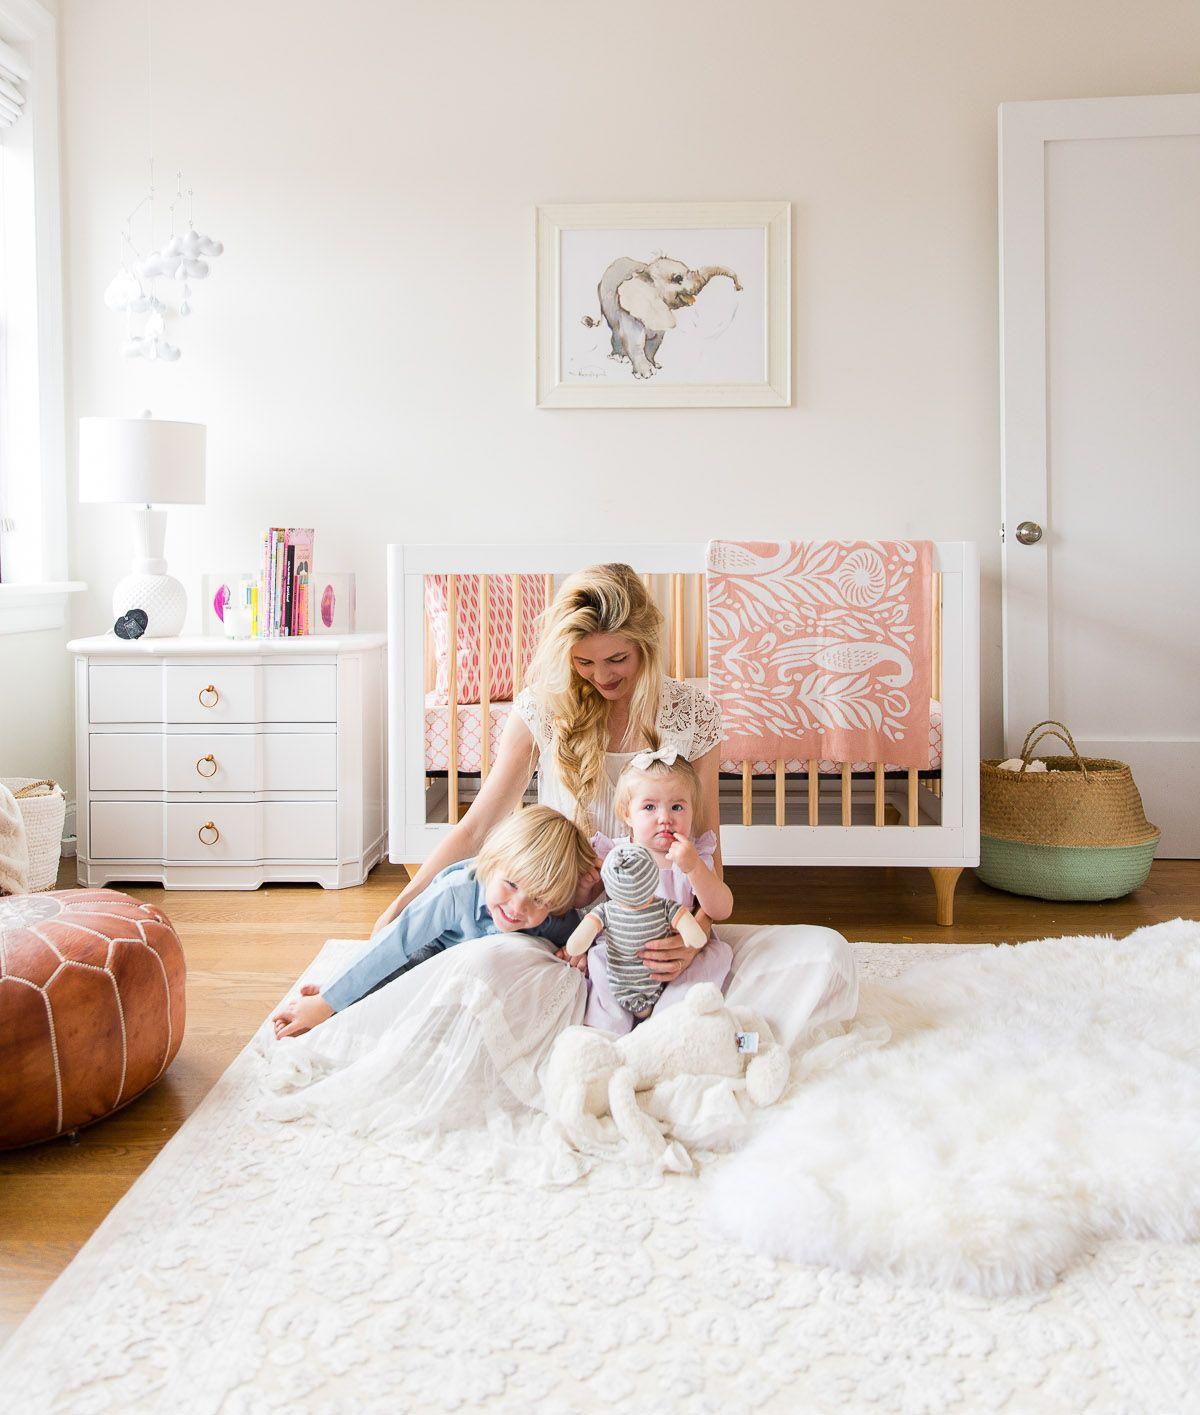 Suburbs Mama Nursery In Master Bedroom: Apartment Reveal: Rosie's Nursery + Master Bedroom!